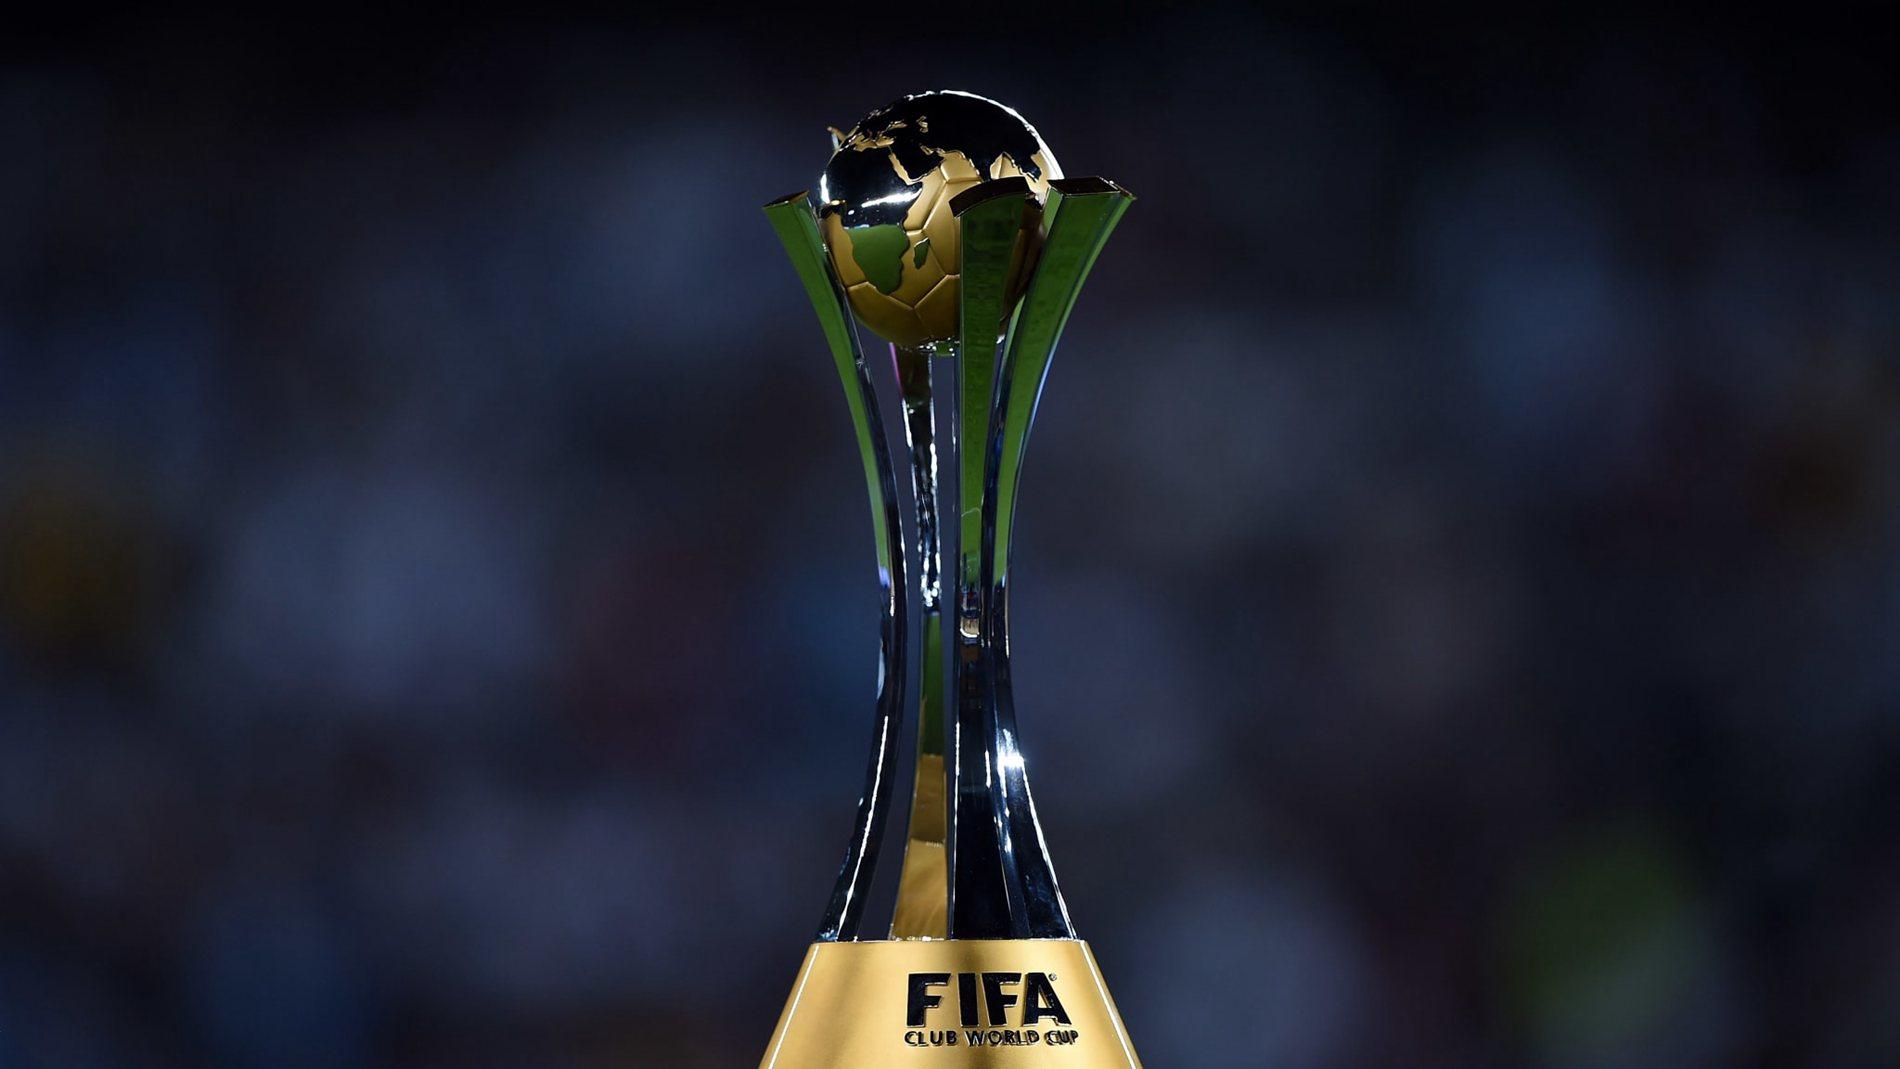 国际足联公布卡塔尔世俱杯赛程 决赛将于除夕夜进行